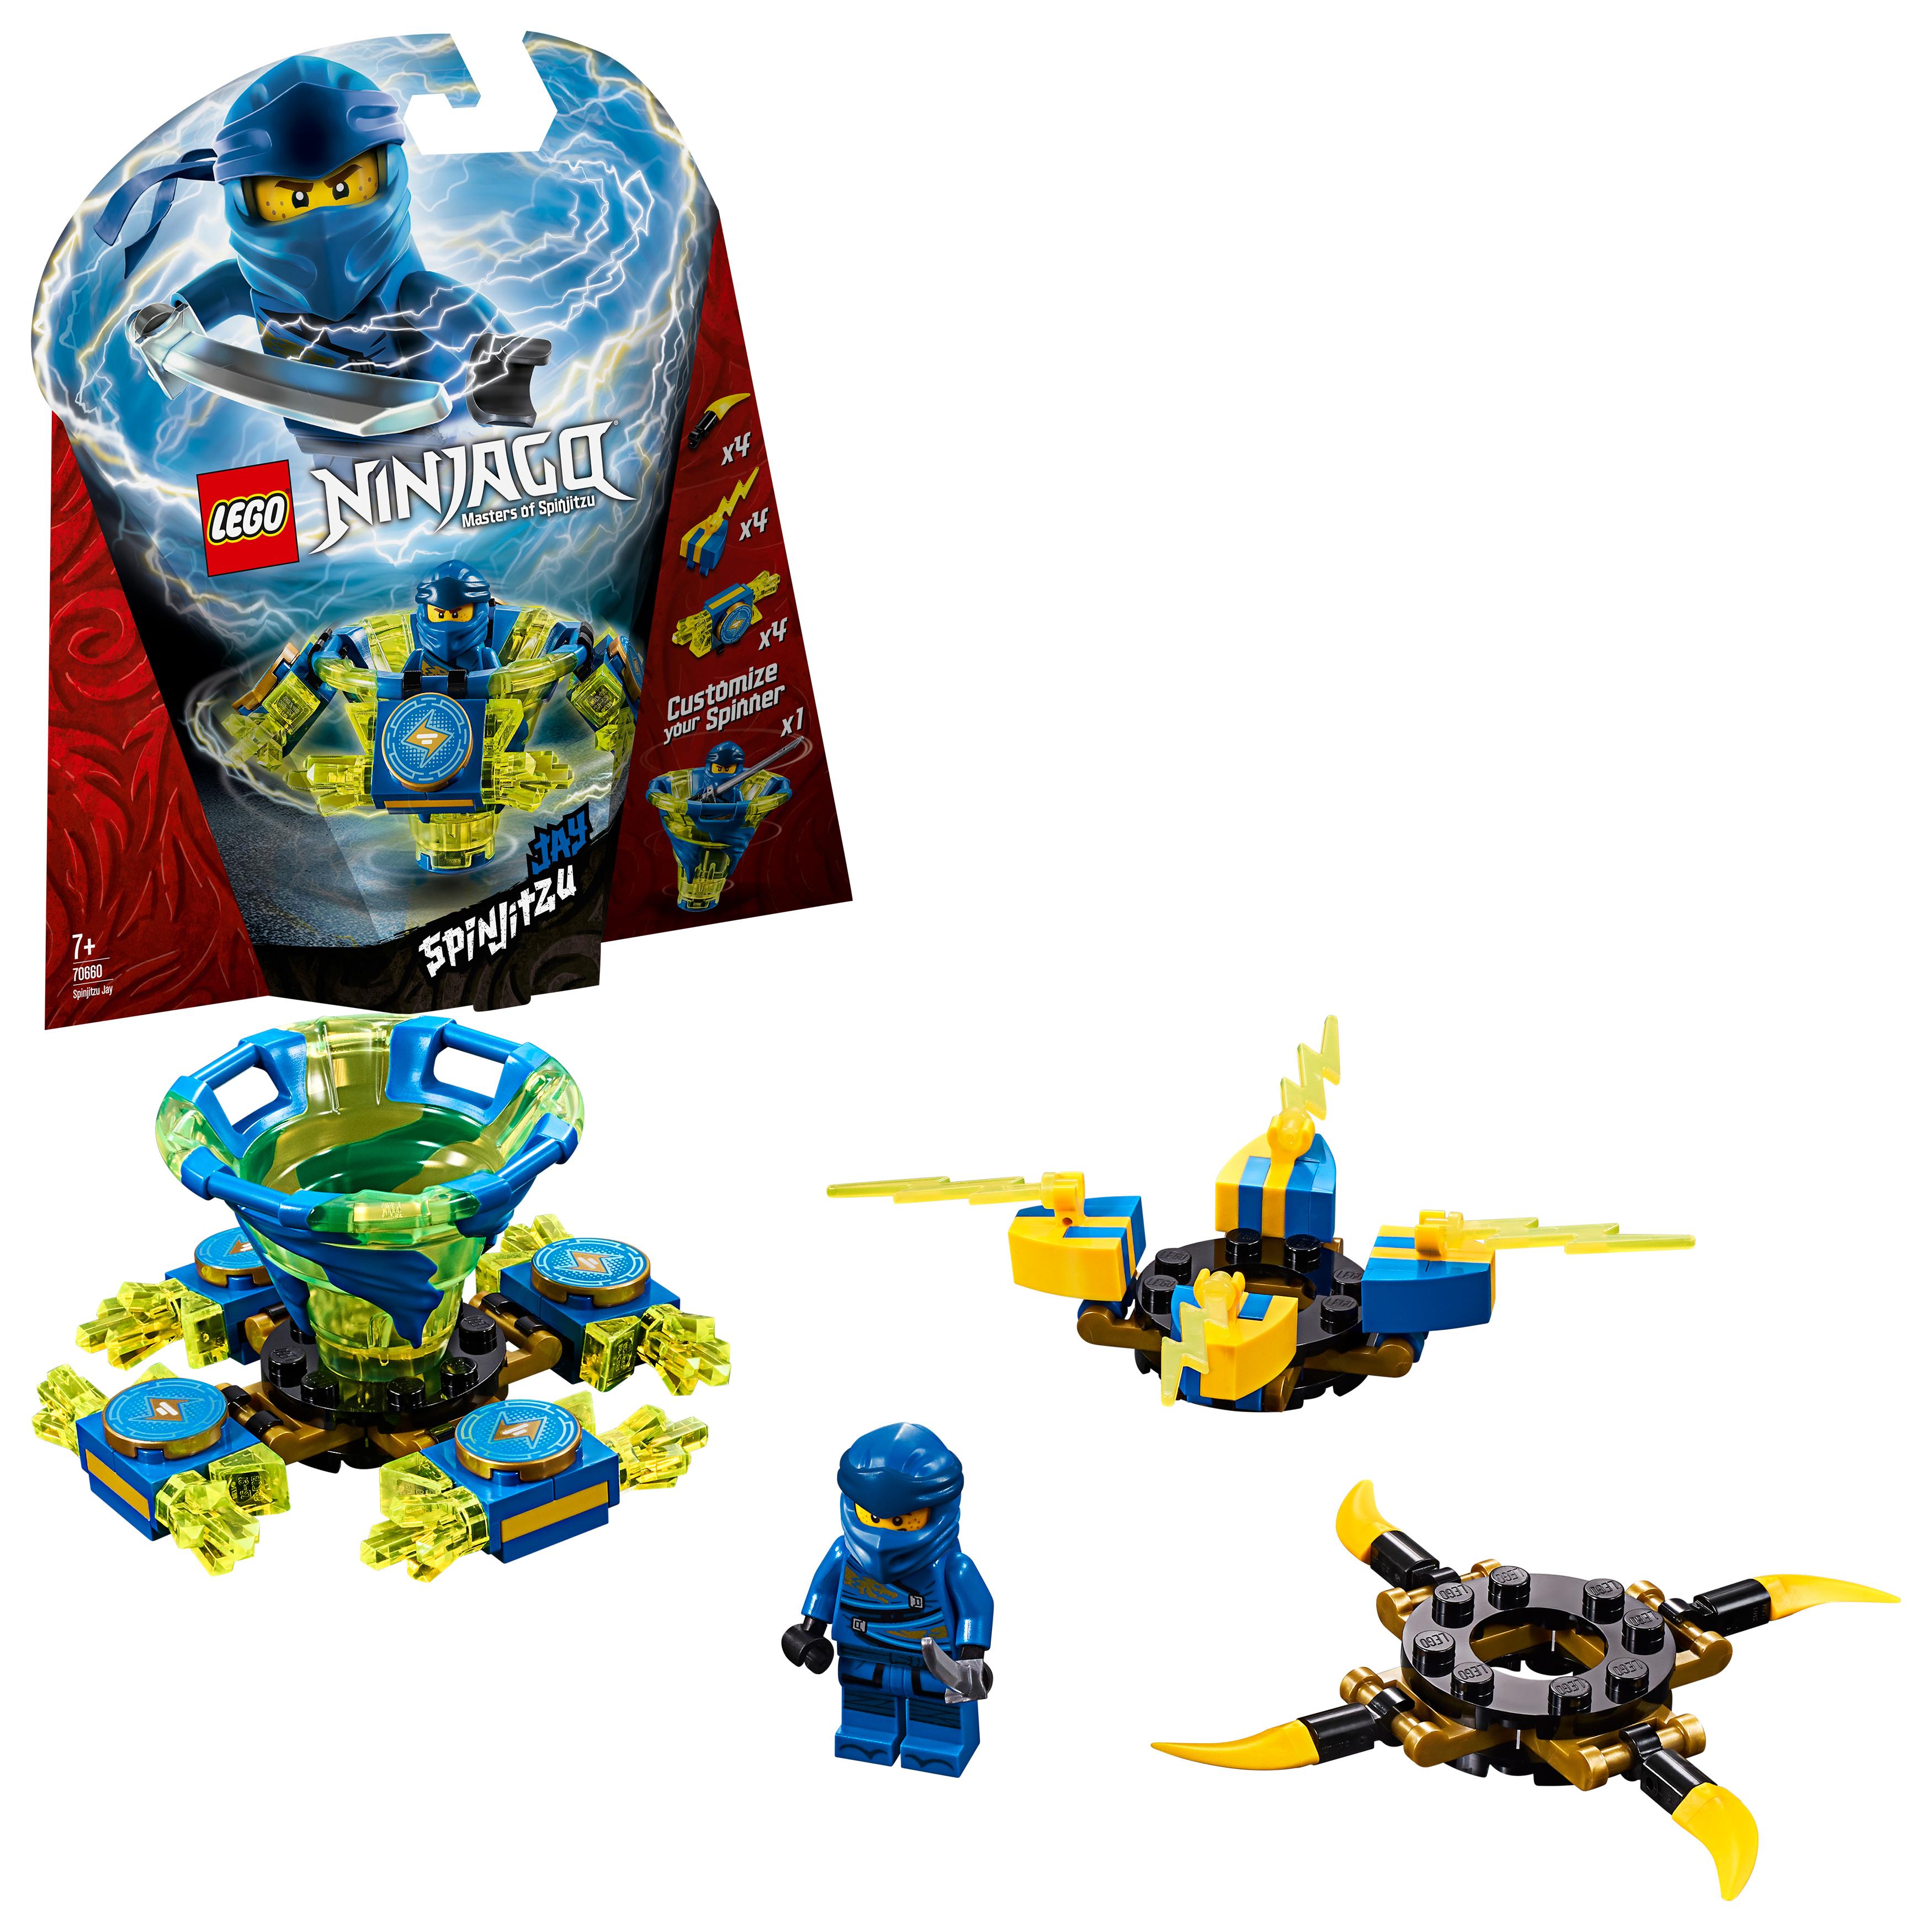 LEGO Ninjago - Spinjitzu Jay (70660)